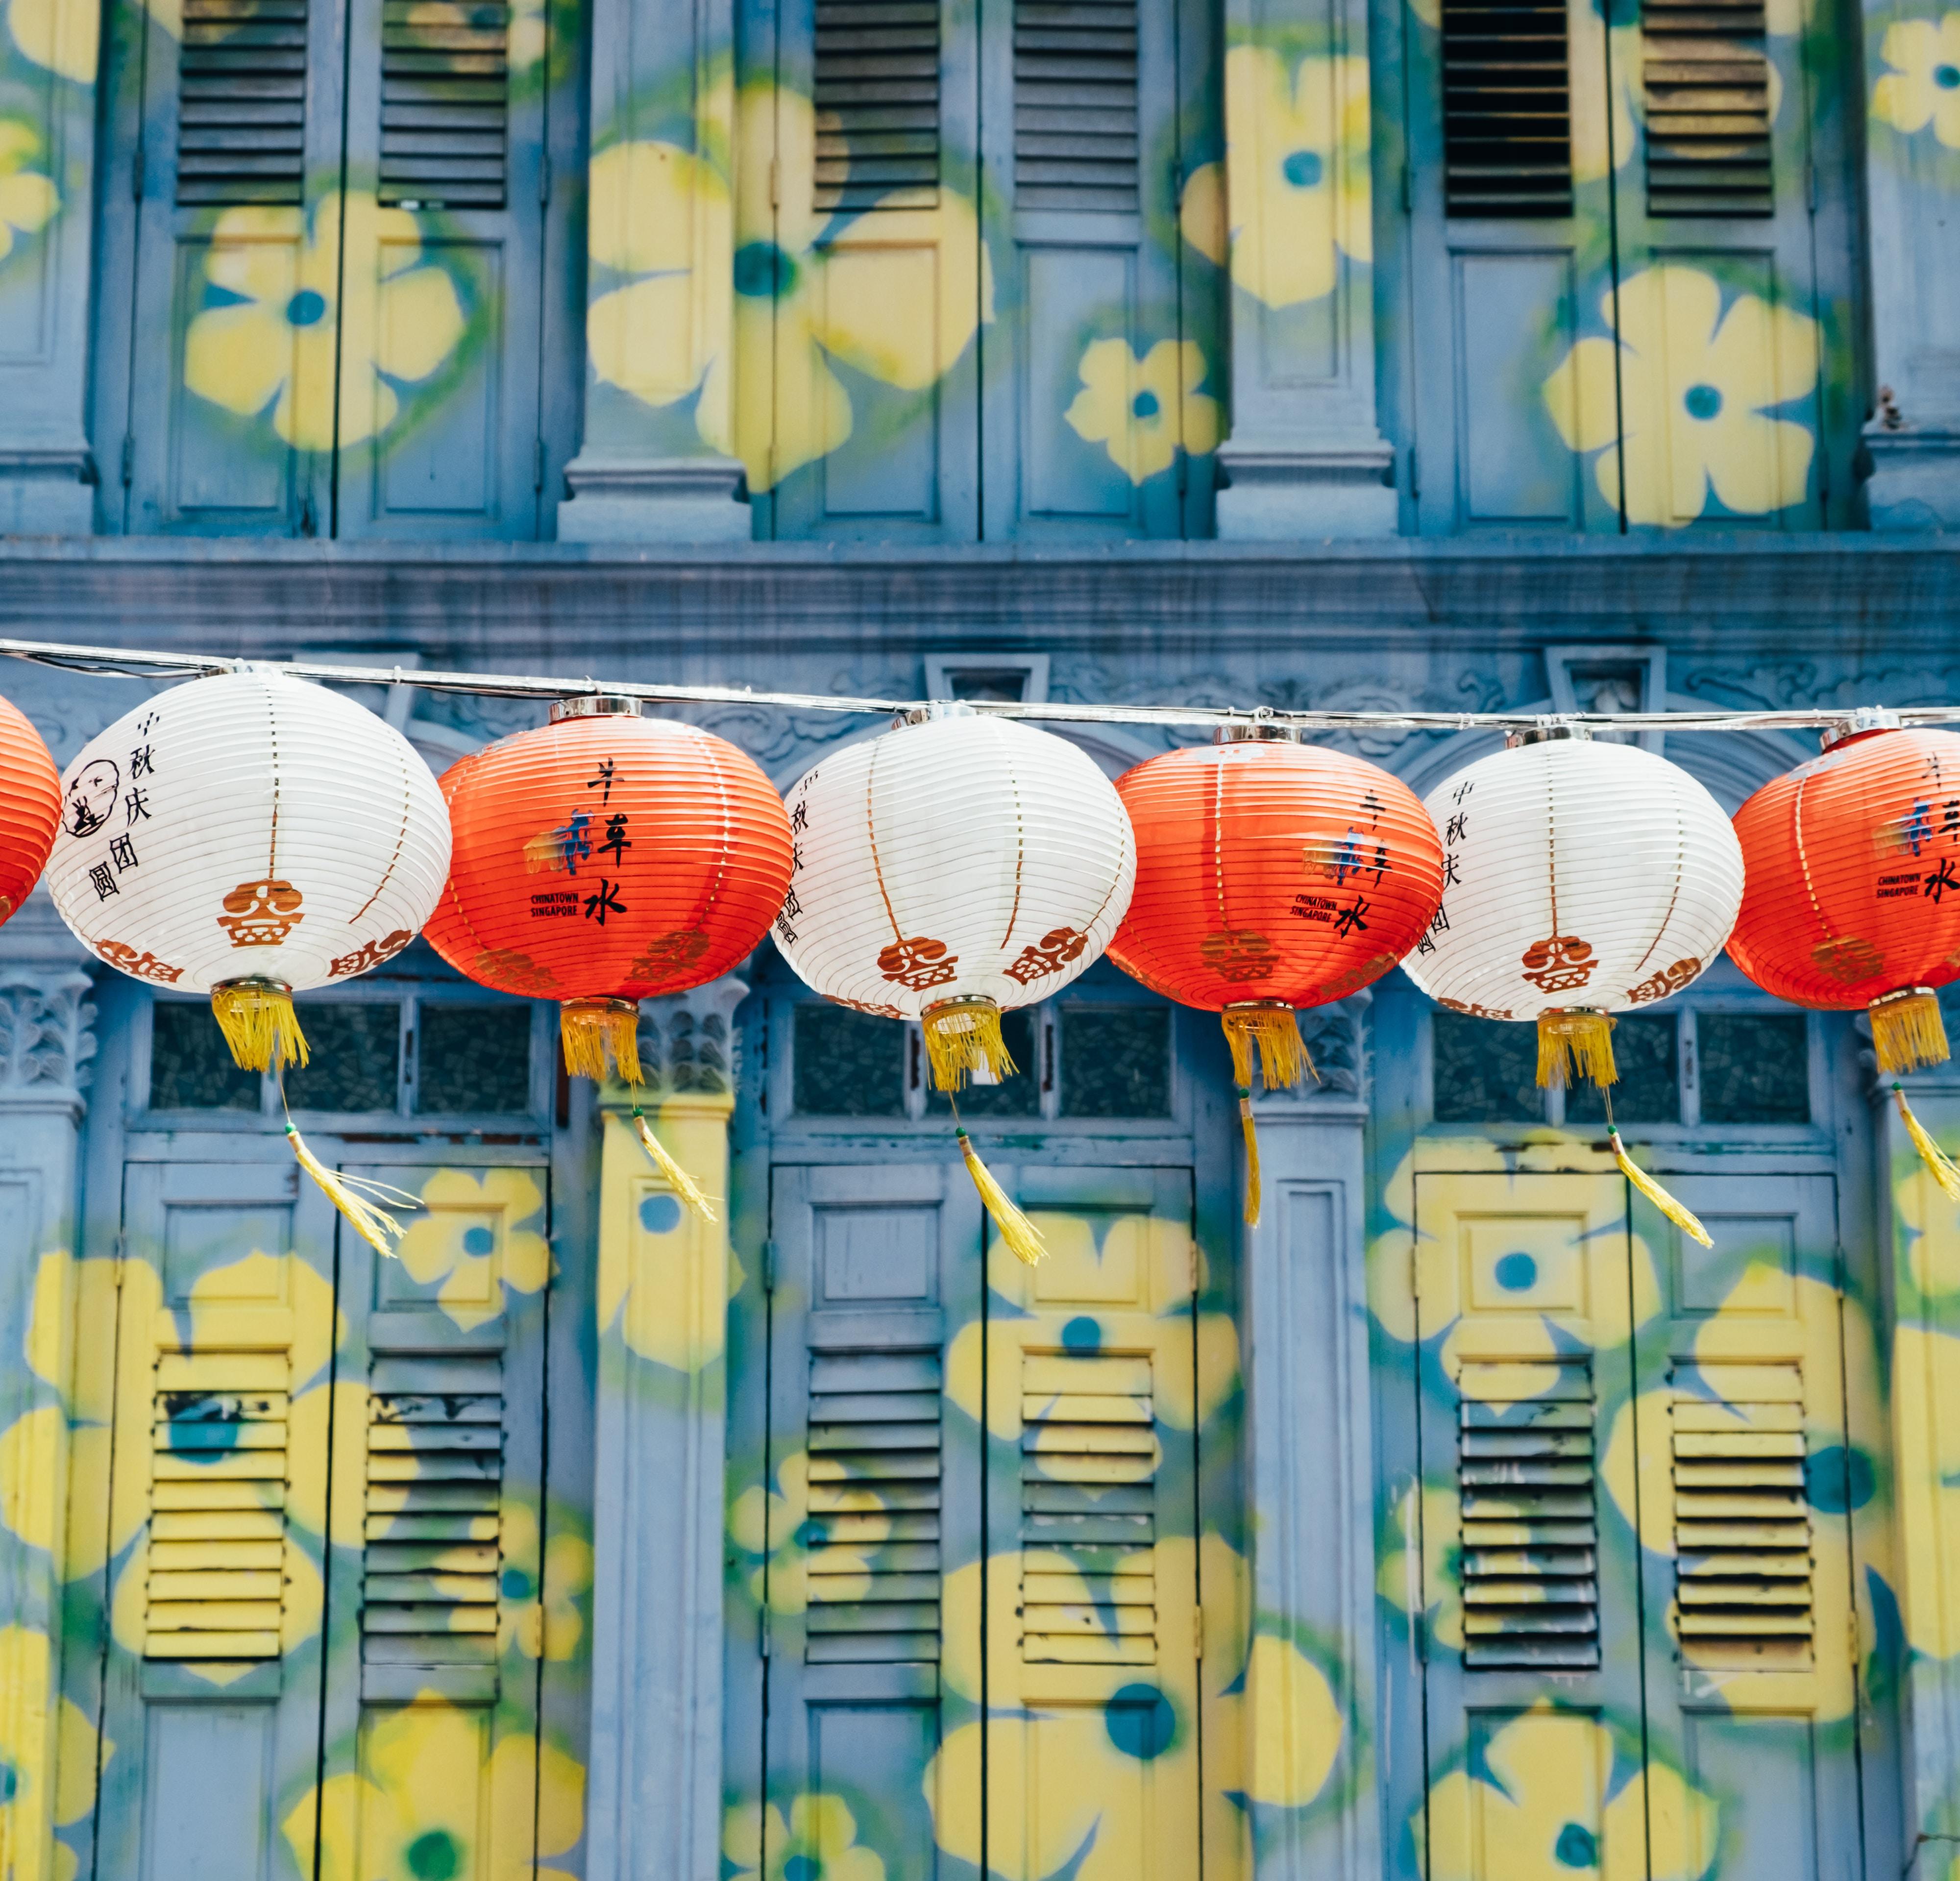 Chinese lantern hanging near windows